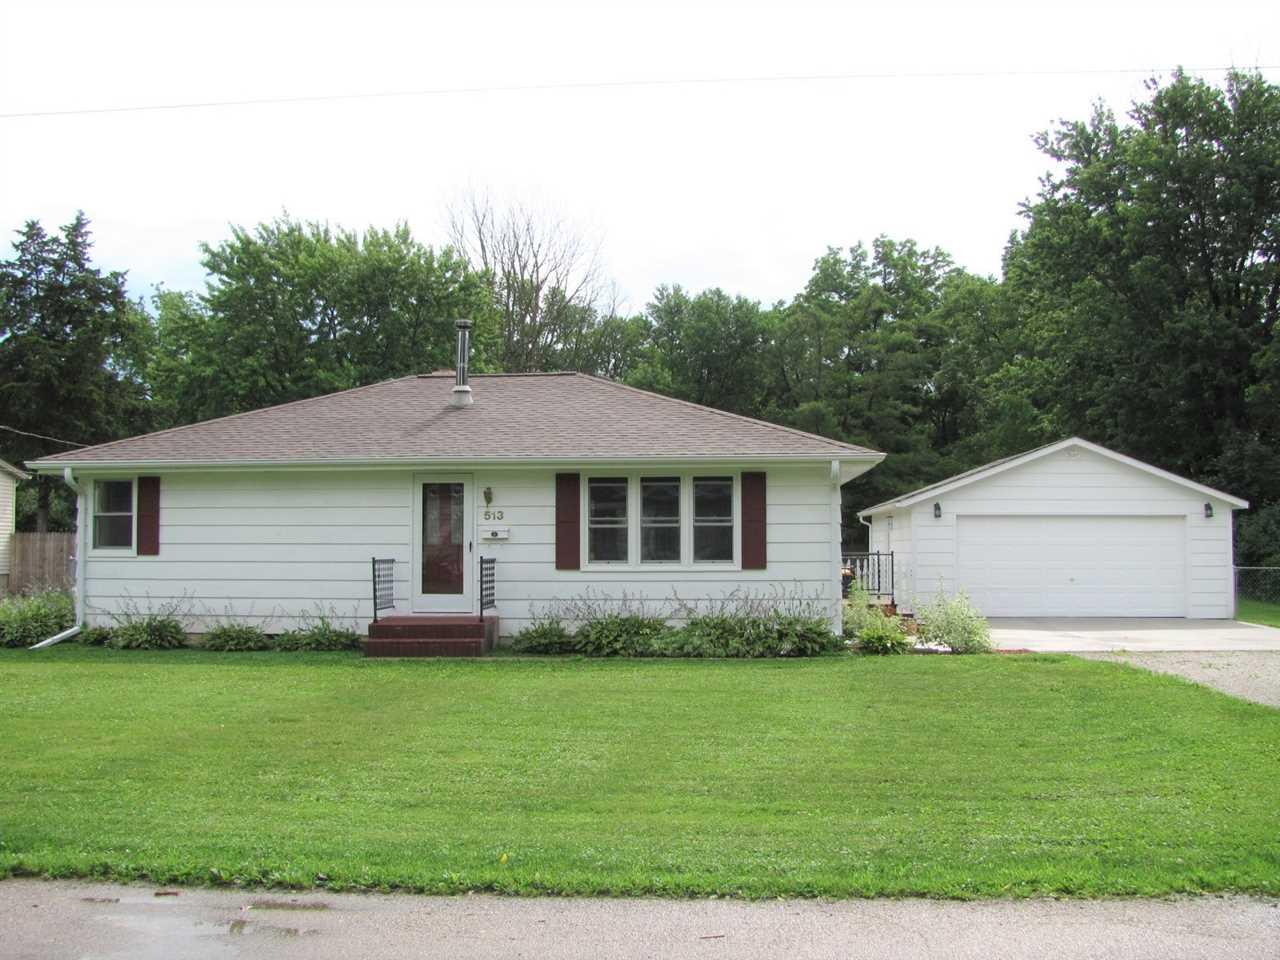 513 N Cottage Street, ROCKTON, IL 61072